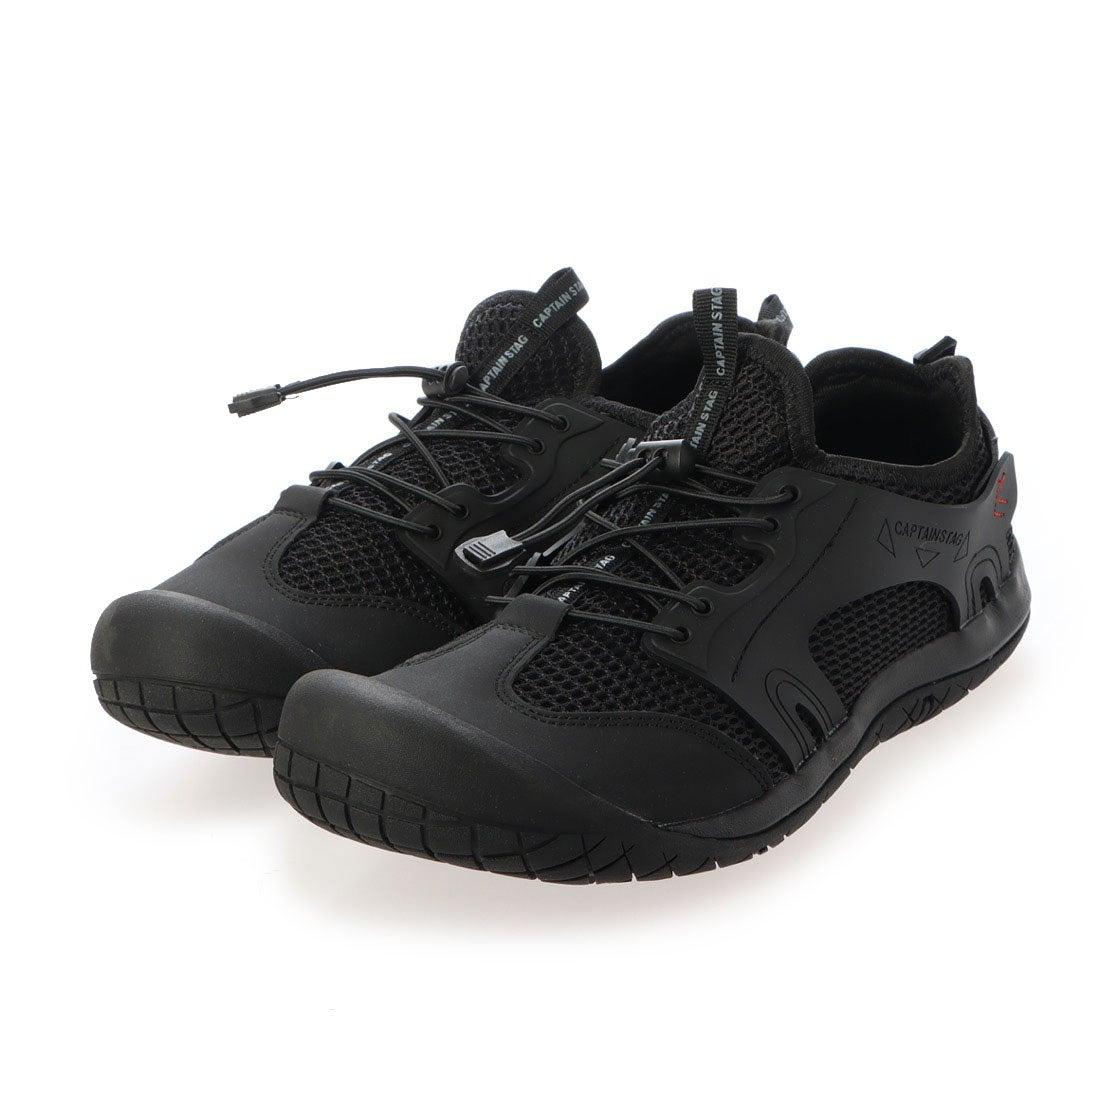 ロコンド 靴とファッションの通販サイトキャプテンスタッグ CAPTAIN STAG メンズ アウトドアスタイルスニーカー (BLACK)